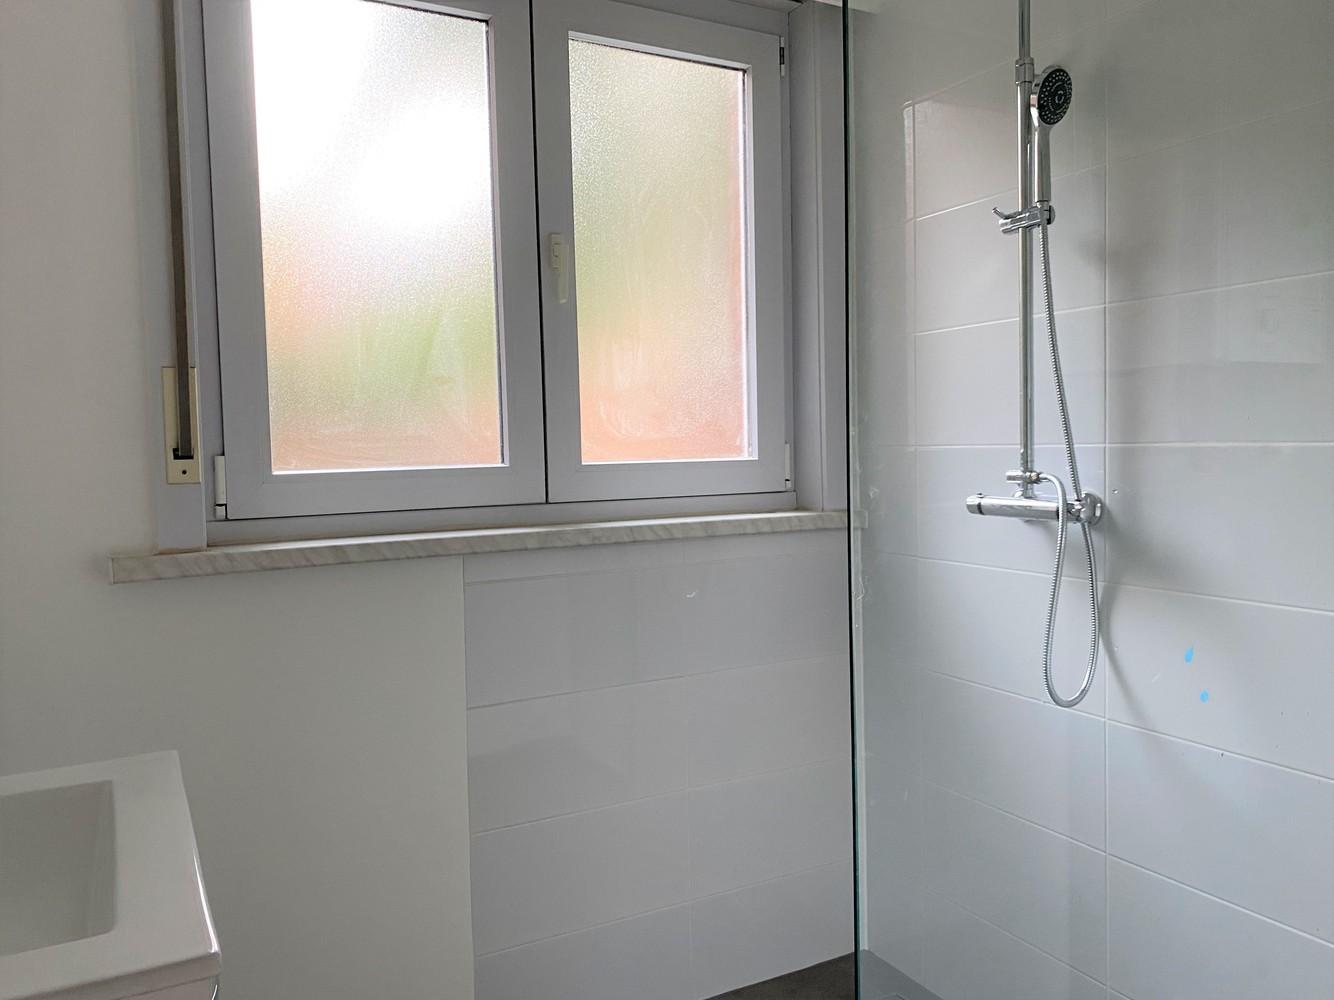 Gerenoveerd, gelijkvloers appartement met 2 slaapkamers en ruime tuin (94m²) in Antwerpen! afbeelding 10